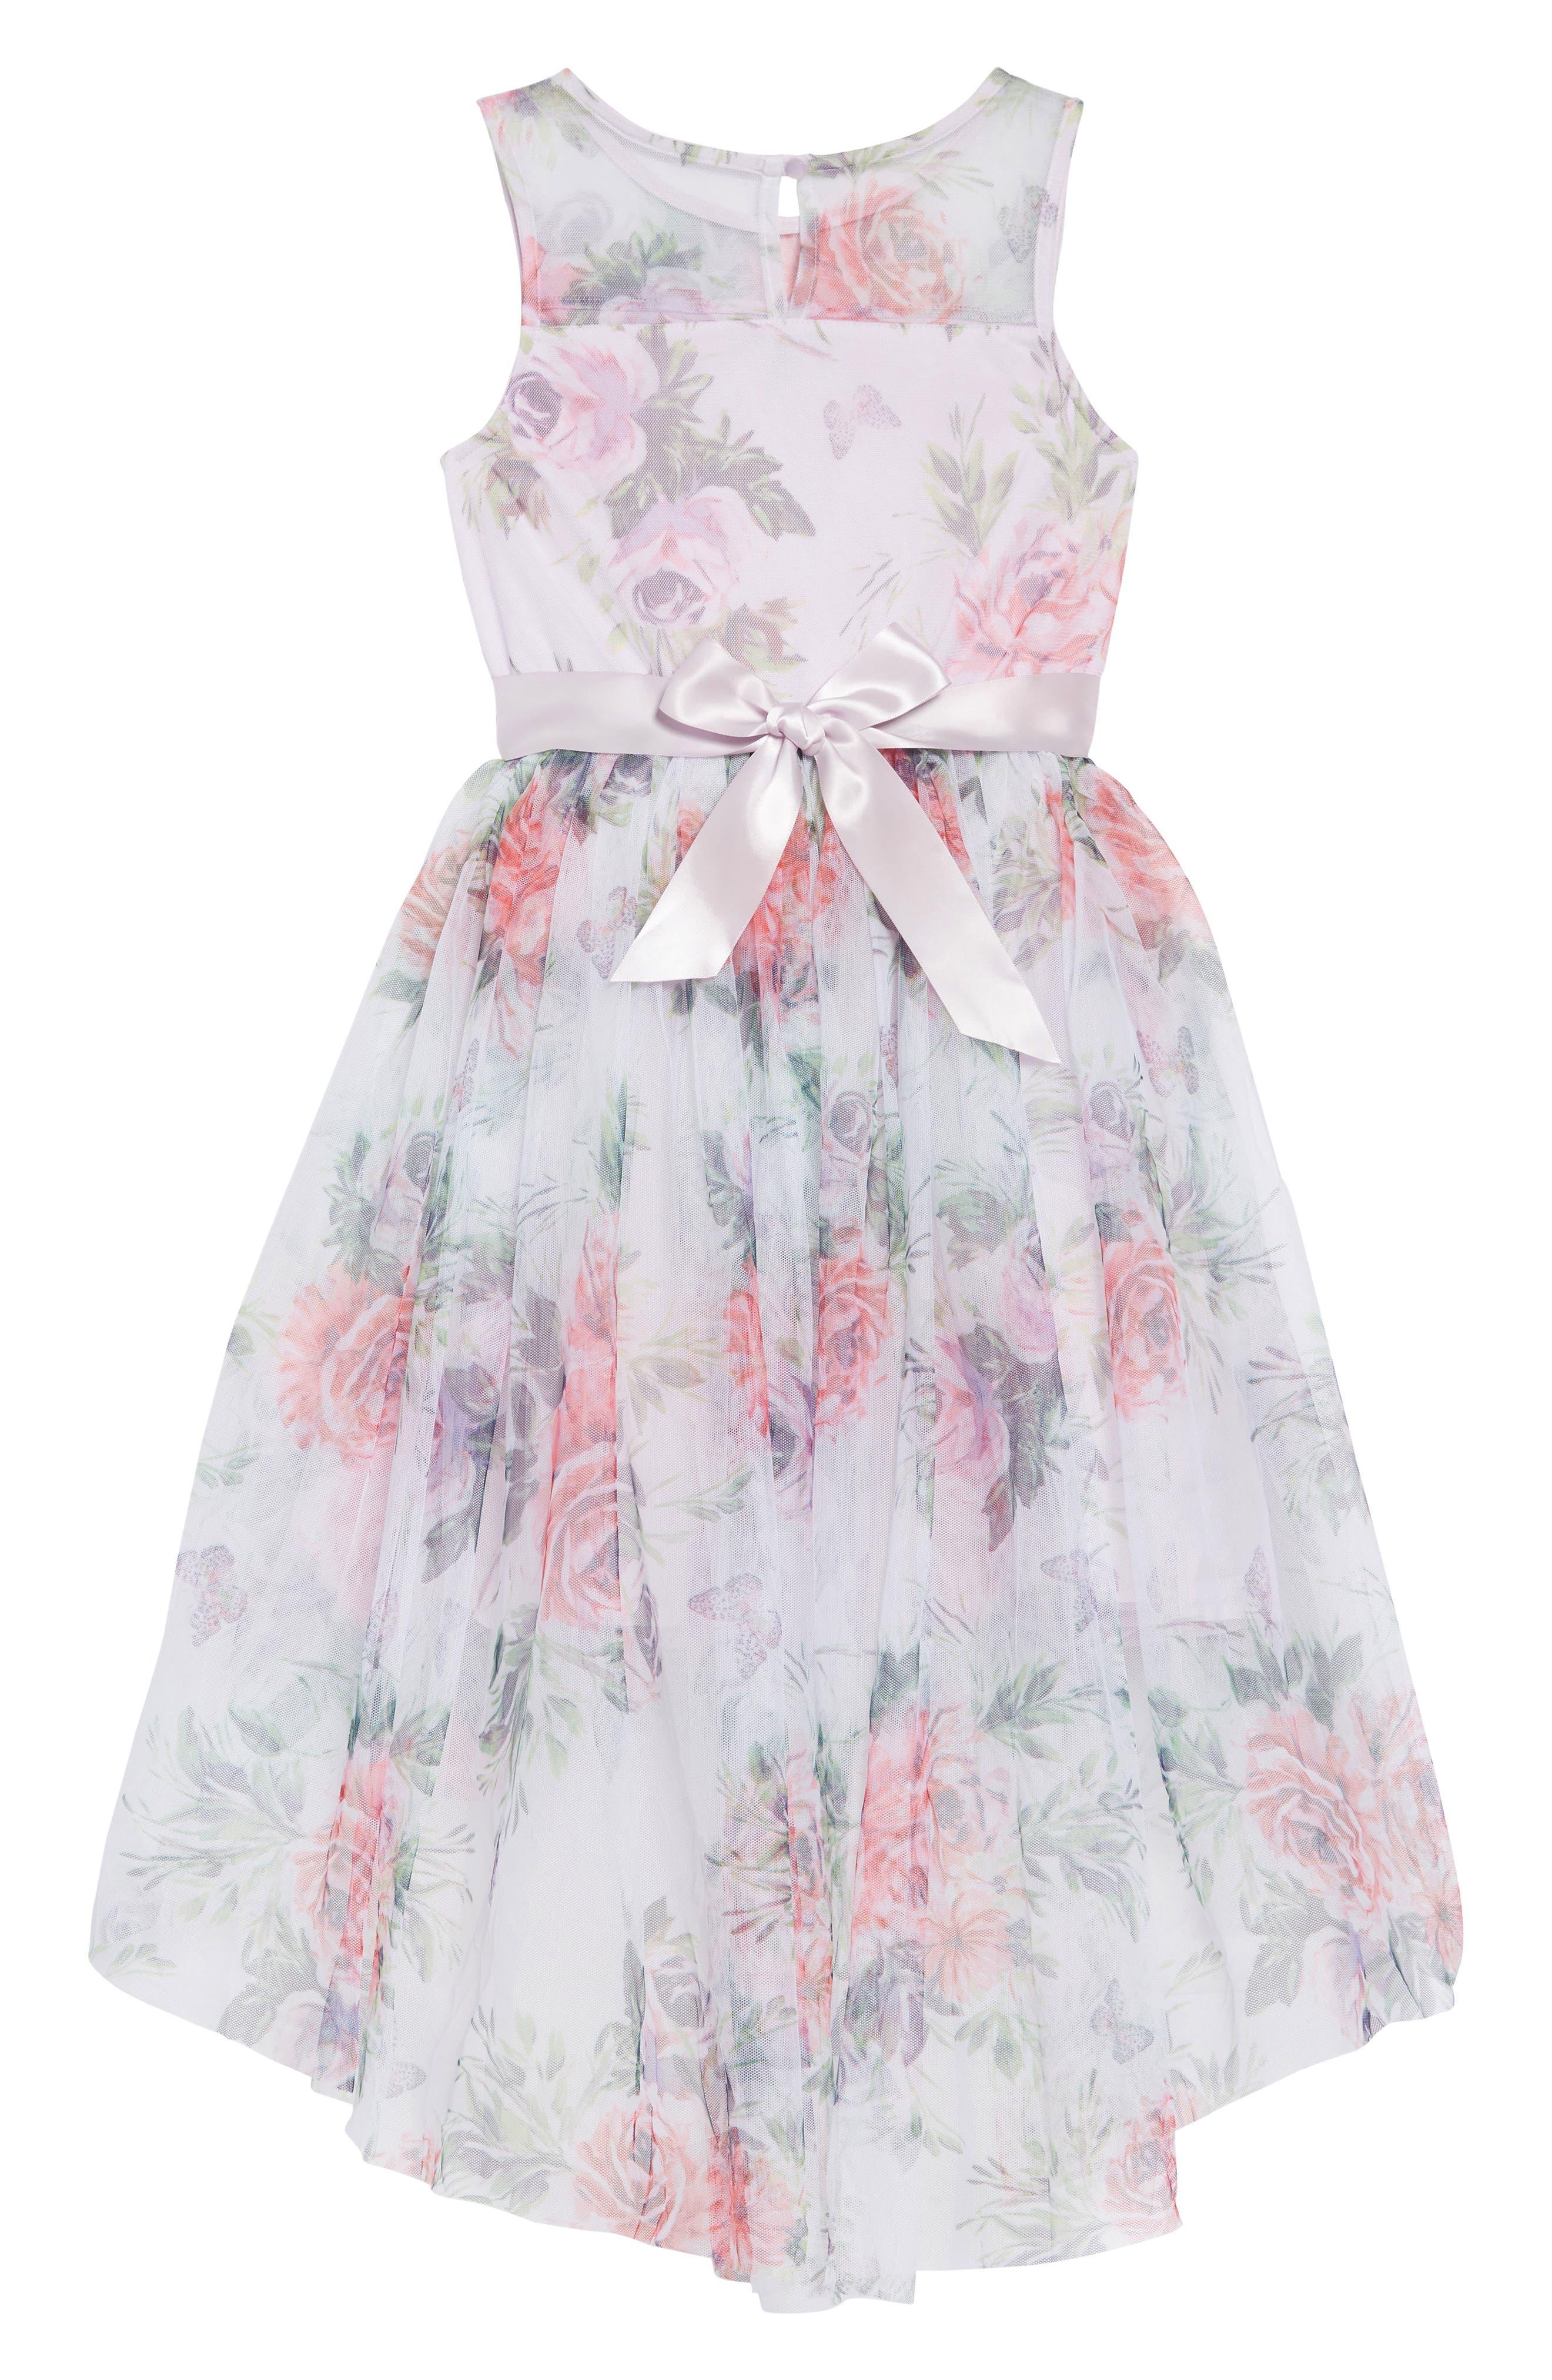 ZUNIE, Floral Print Dress, Alternate thumbnail 2, color, LAVENDER FLORAL